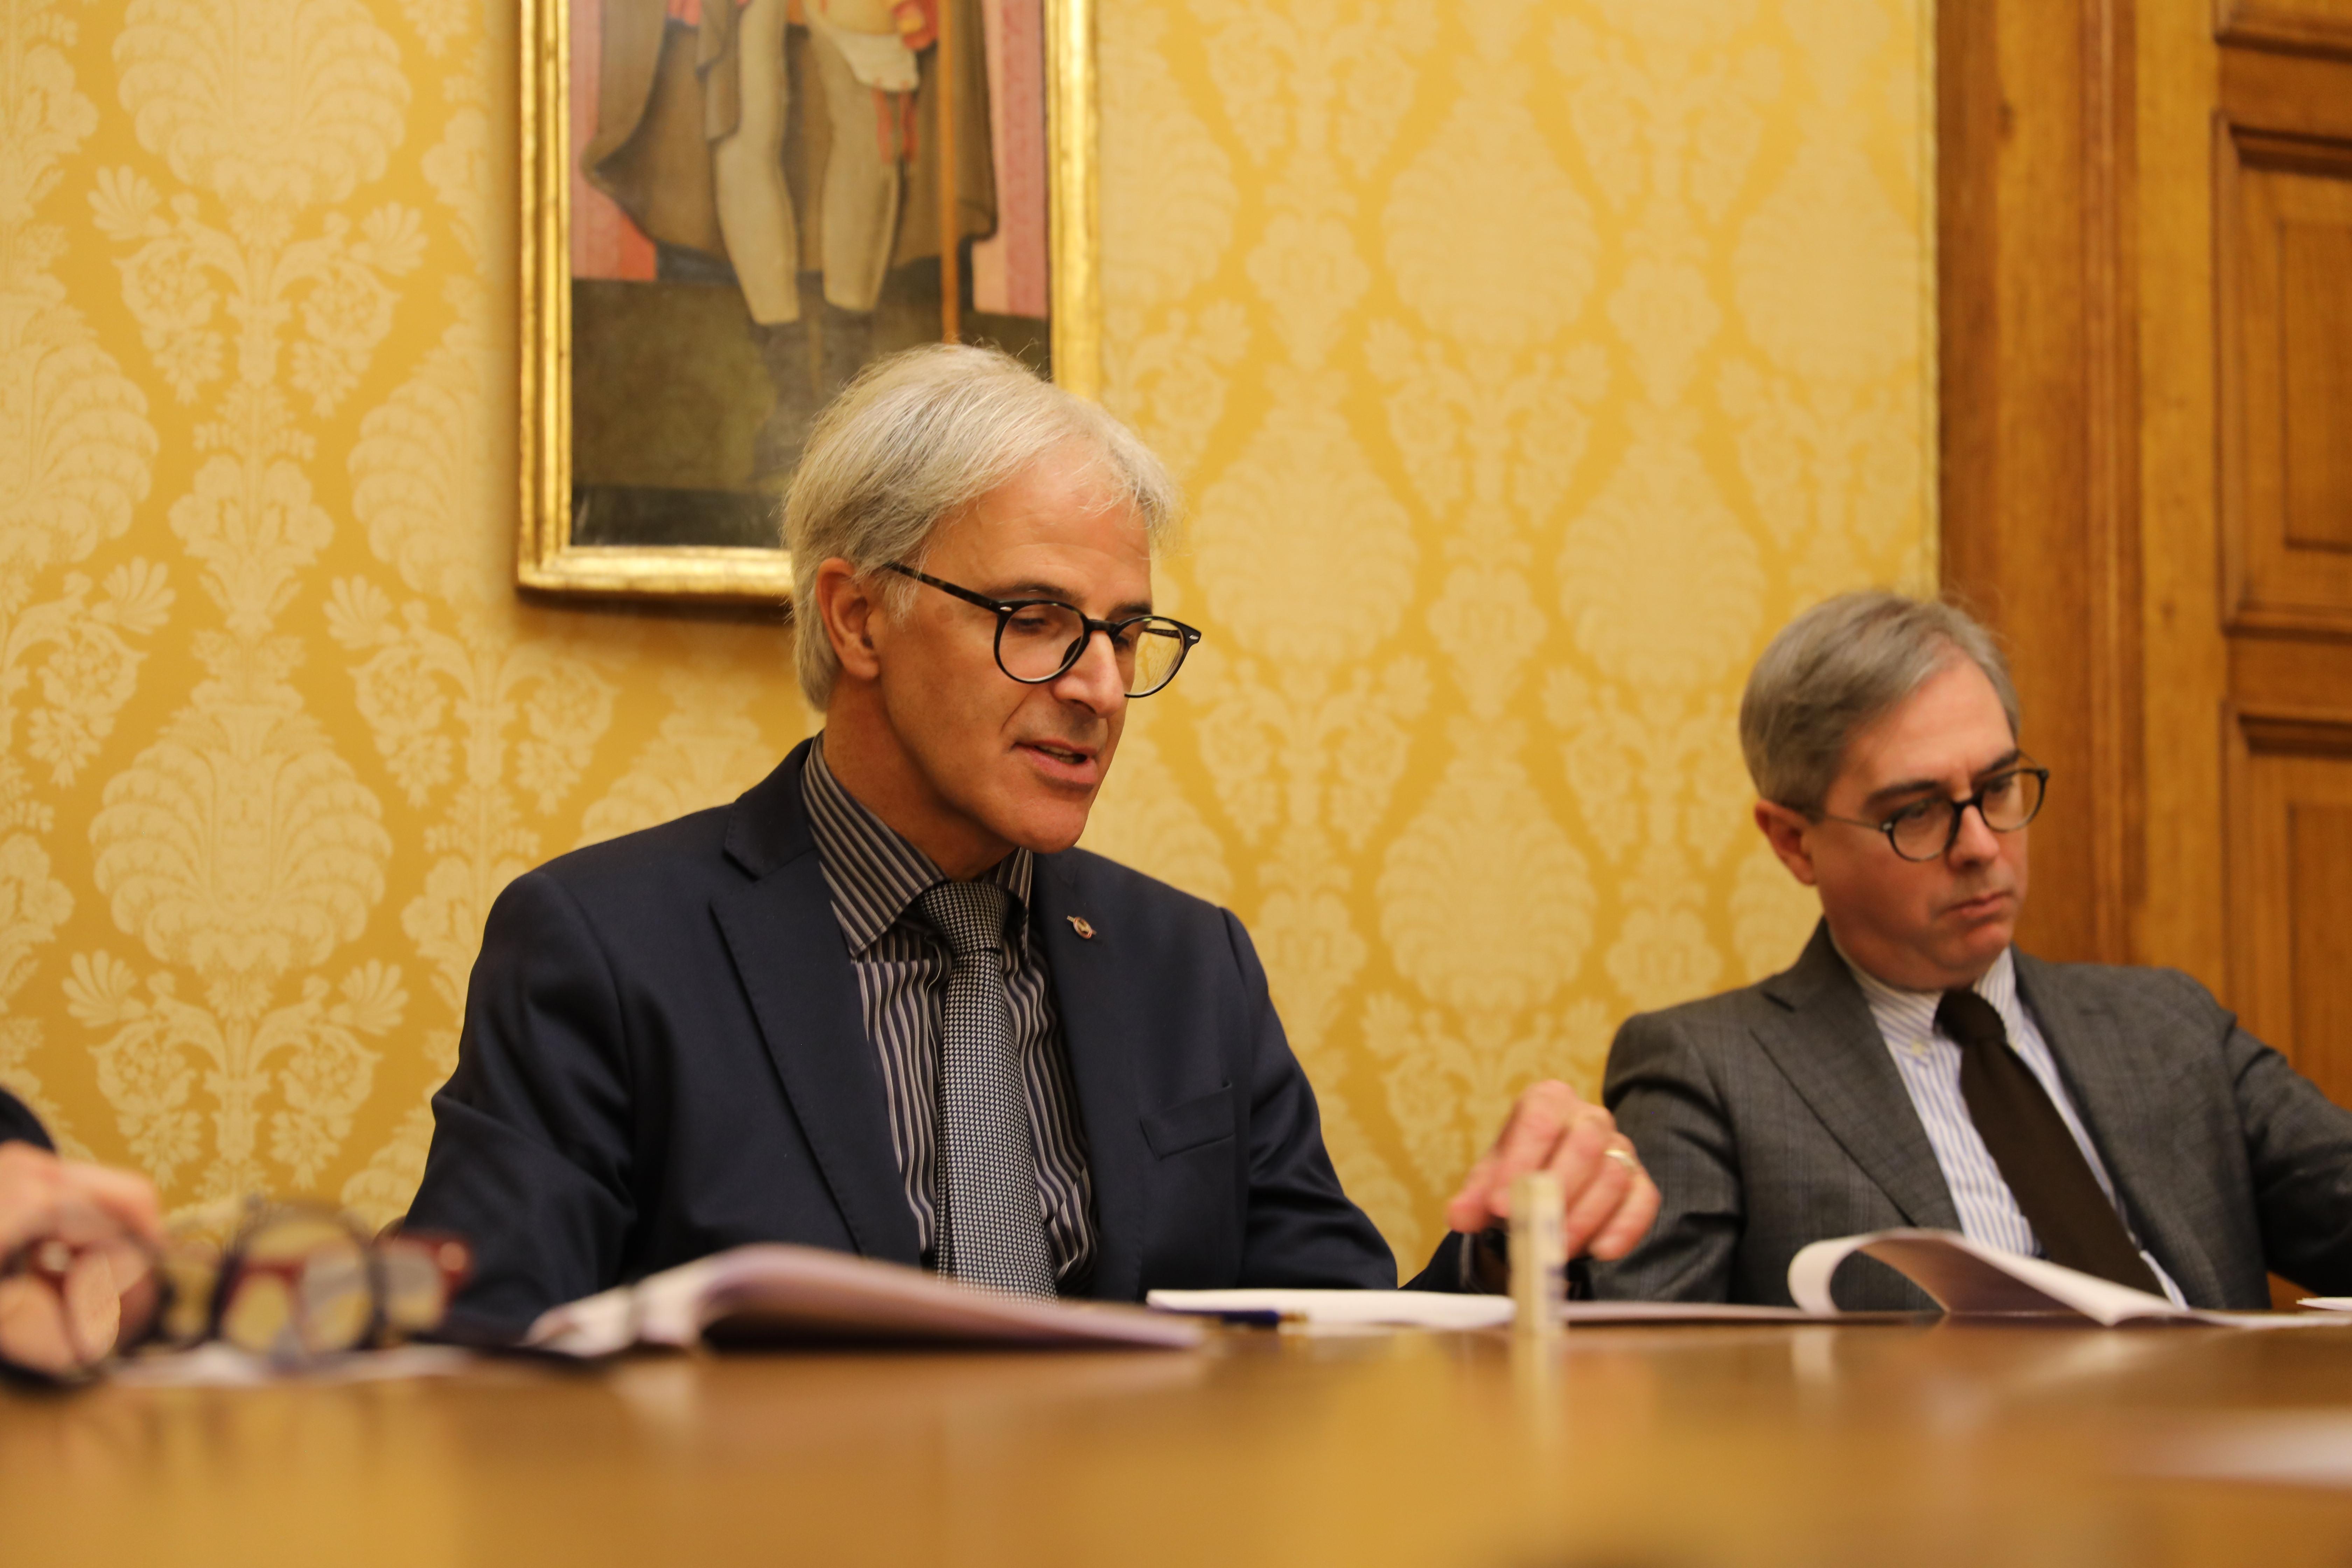 Umberto Nazzareno Tonti presenta il consuntivo dell'attività 2019 della Fondazione Carifol